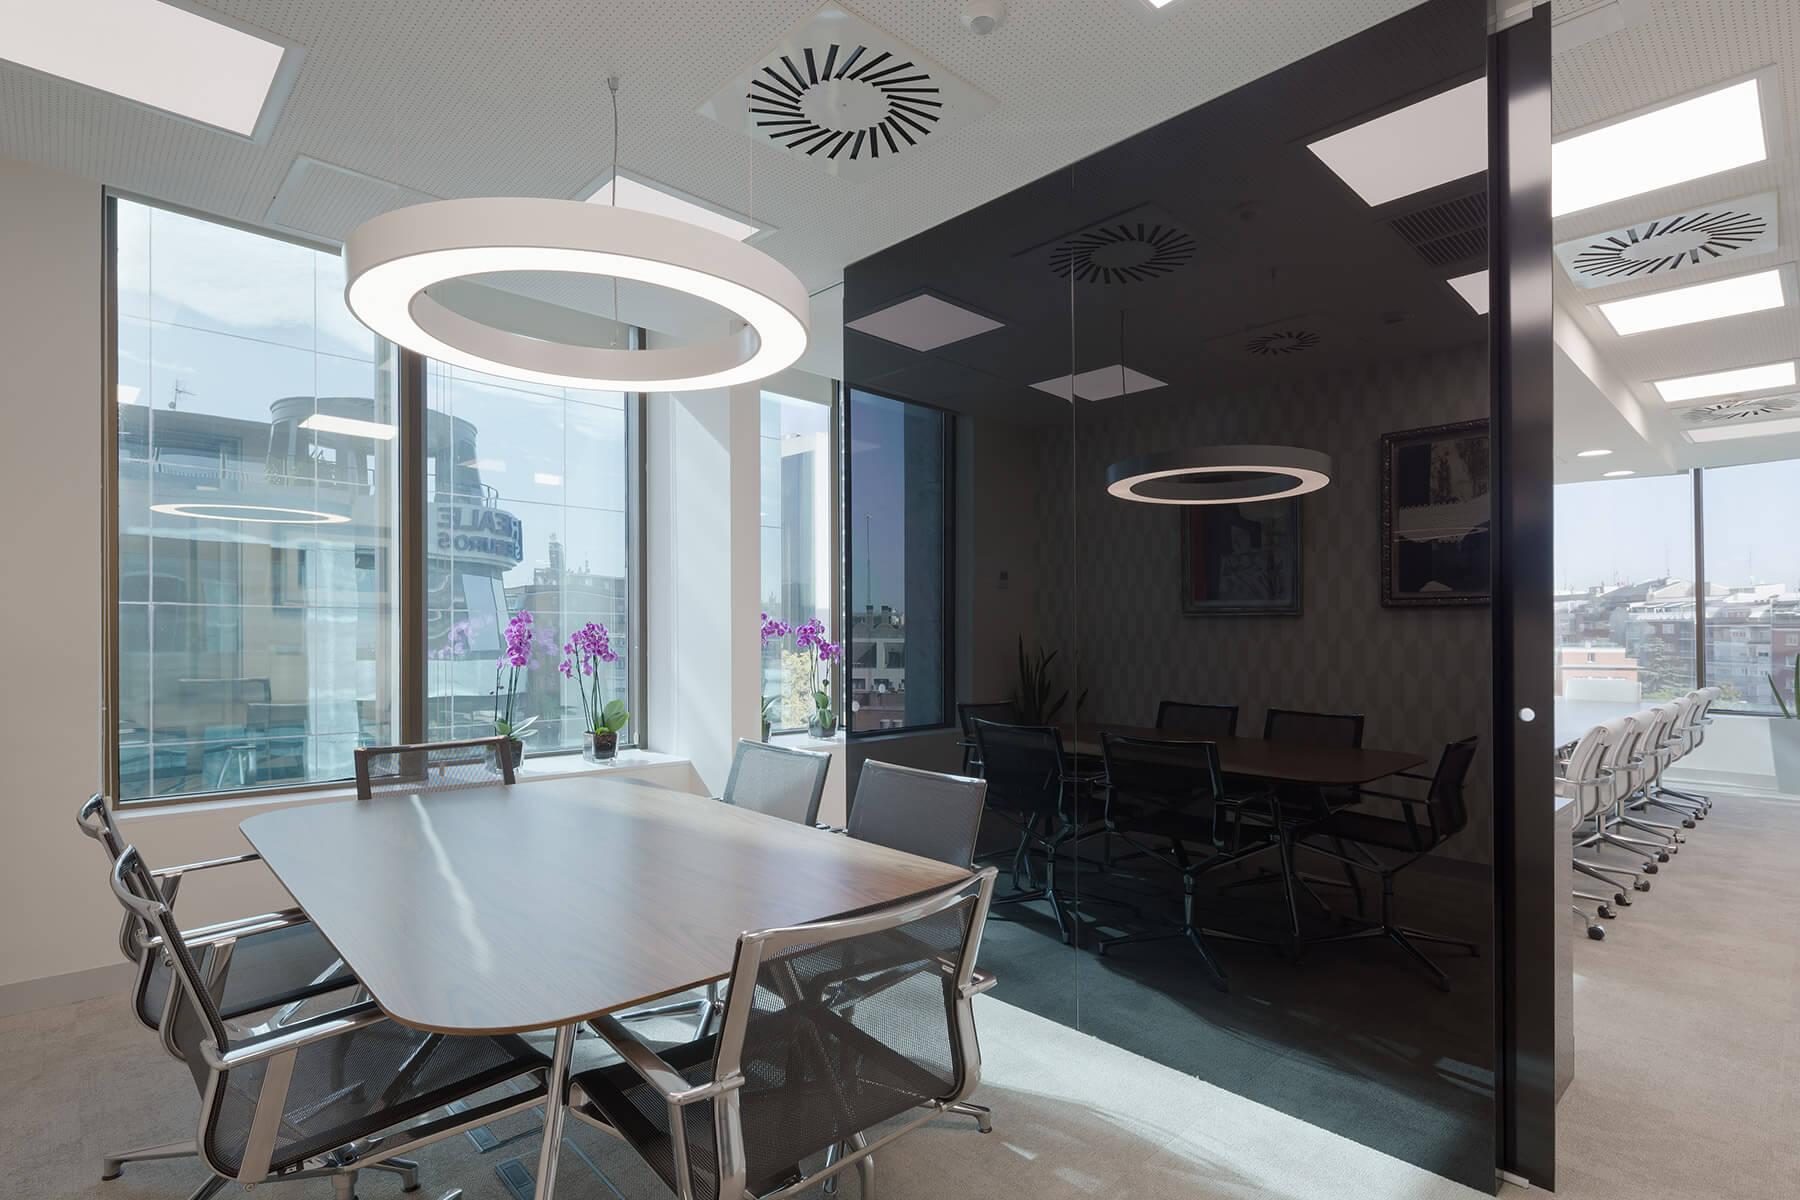 Oficinas reale el espacio 5 0 ubicca - Reale seguros oficinas ...